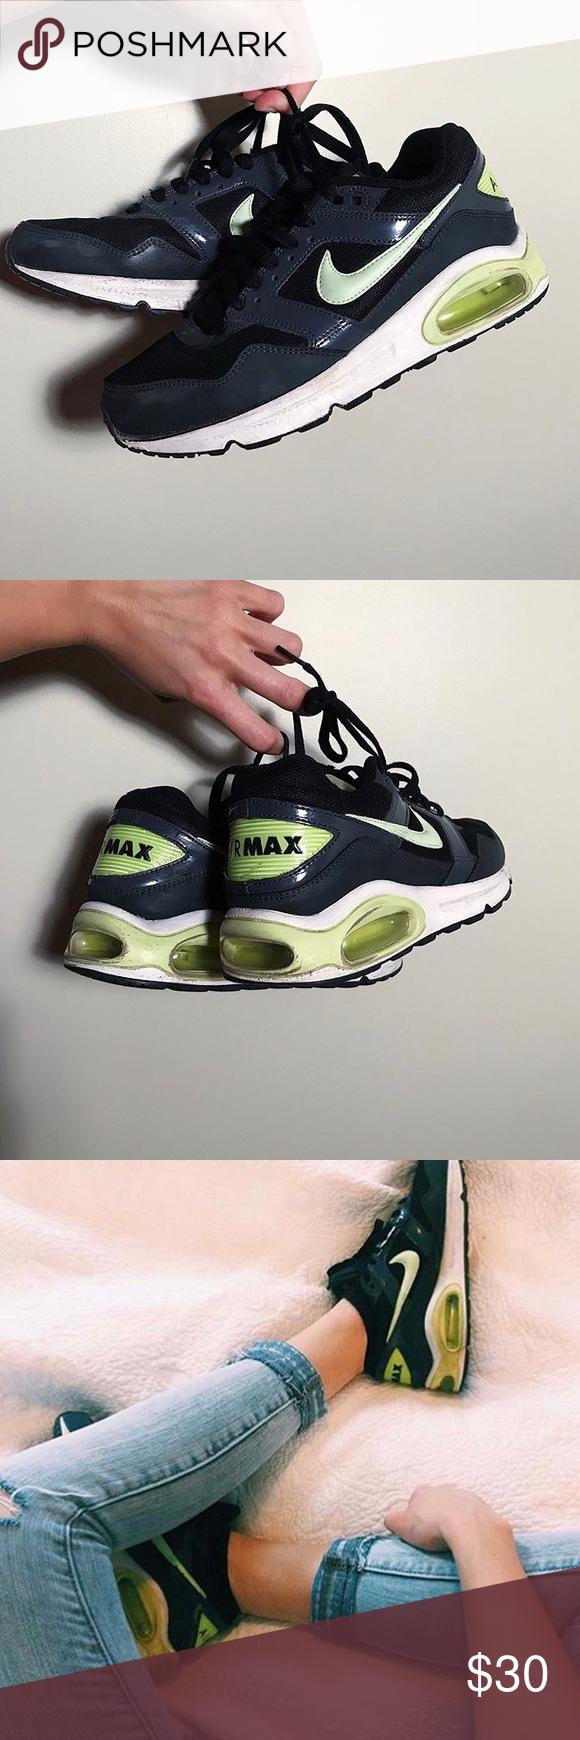 air max old